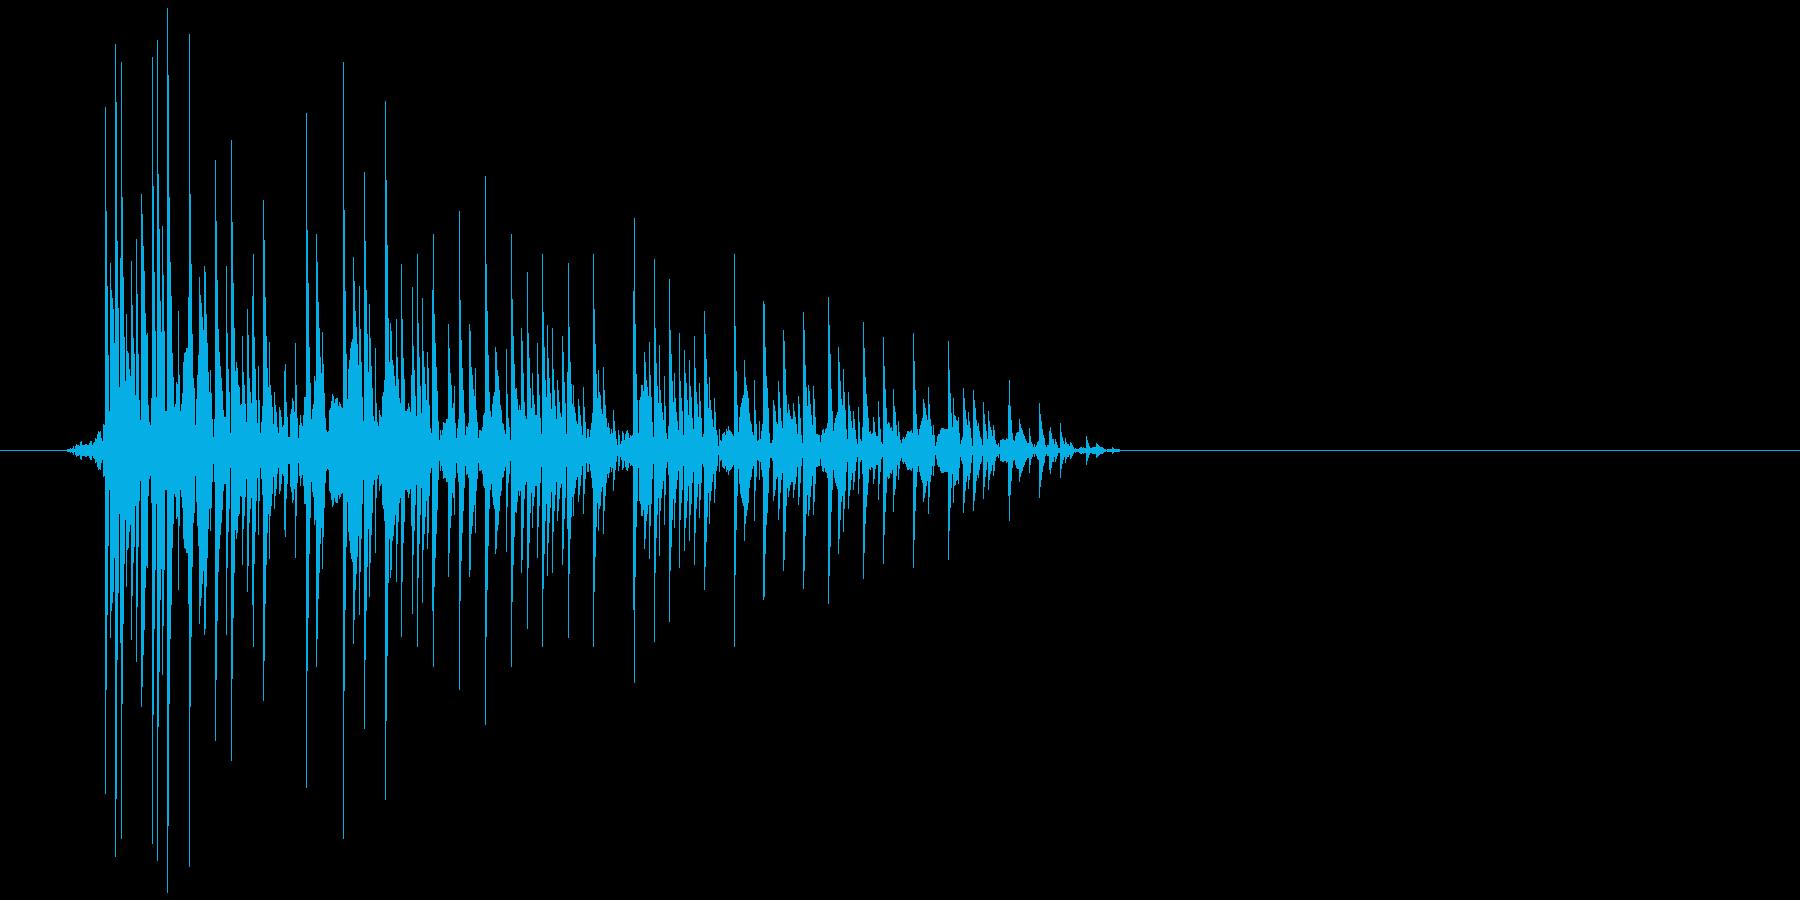 ゲーム(ファミコン風)爆発音_003の再生済みの波形